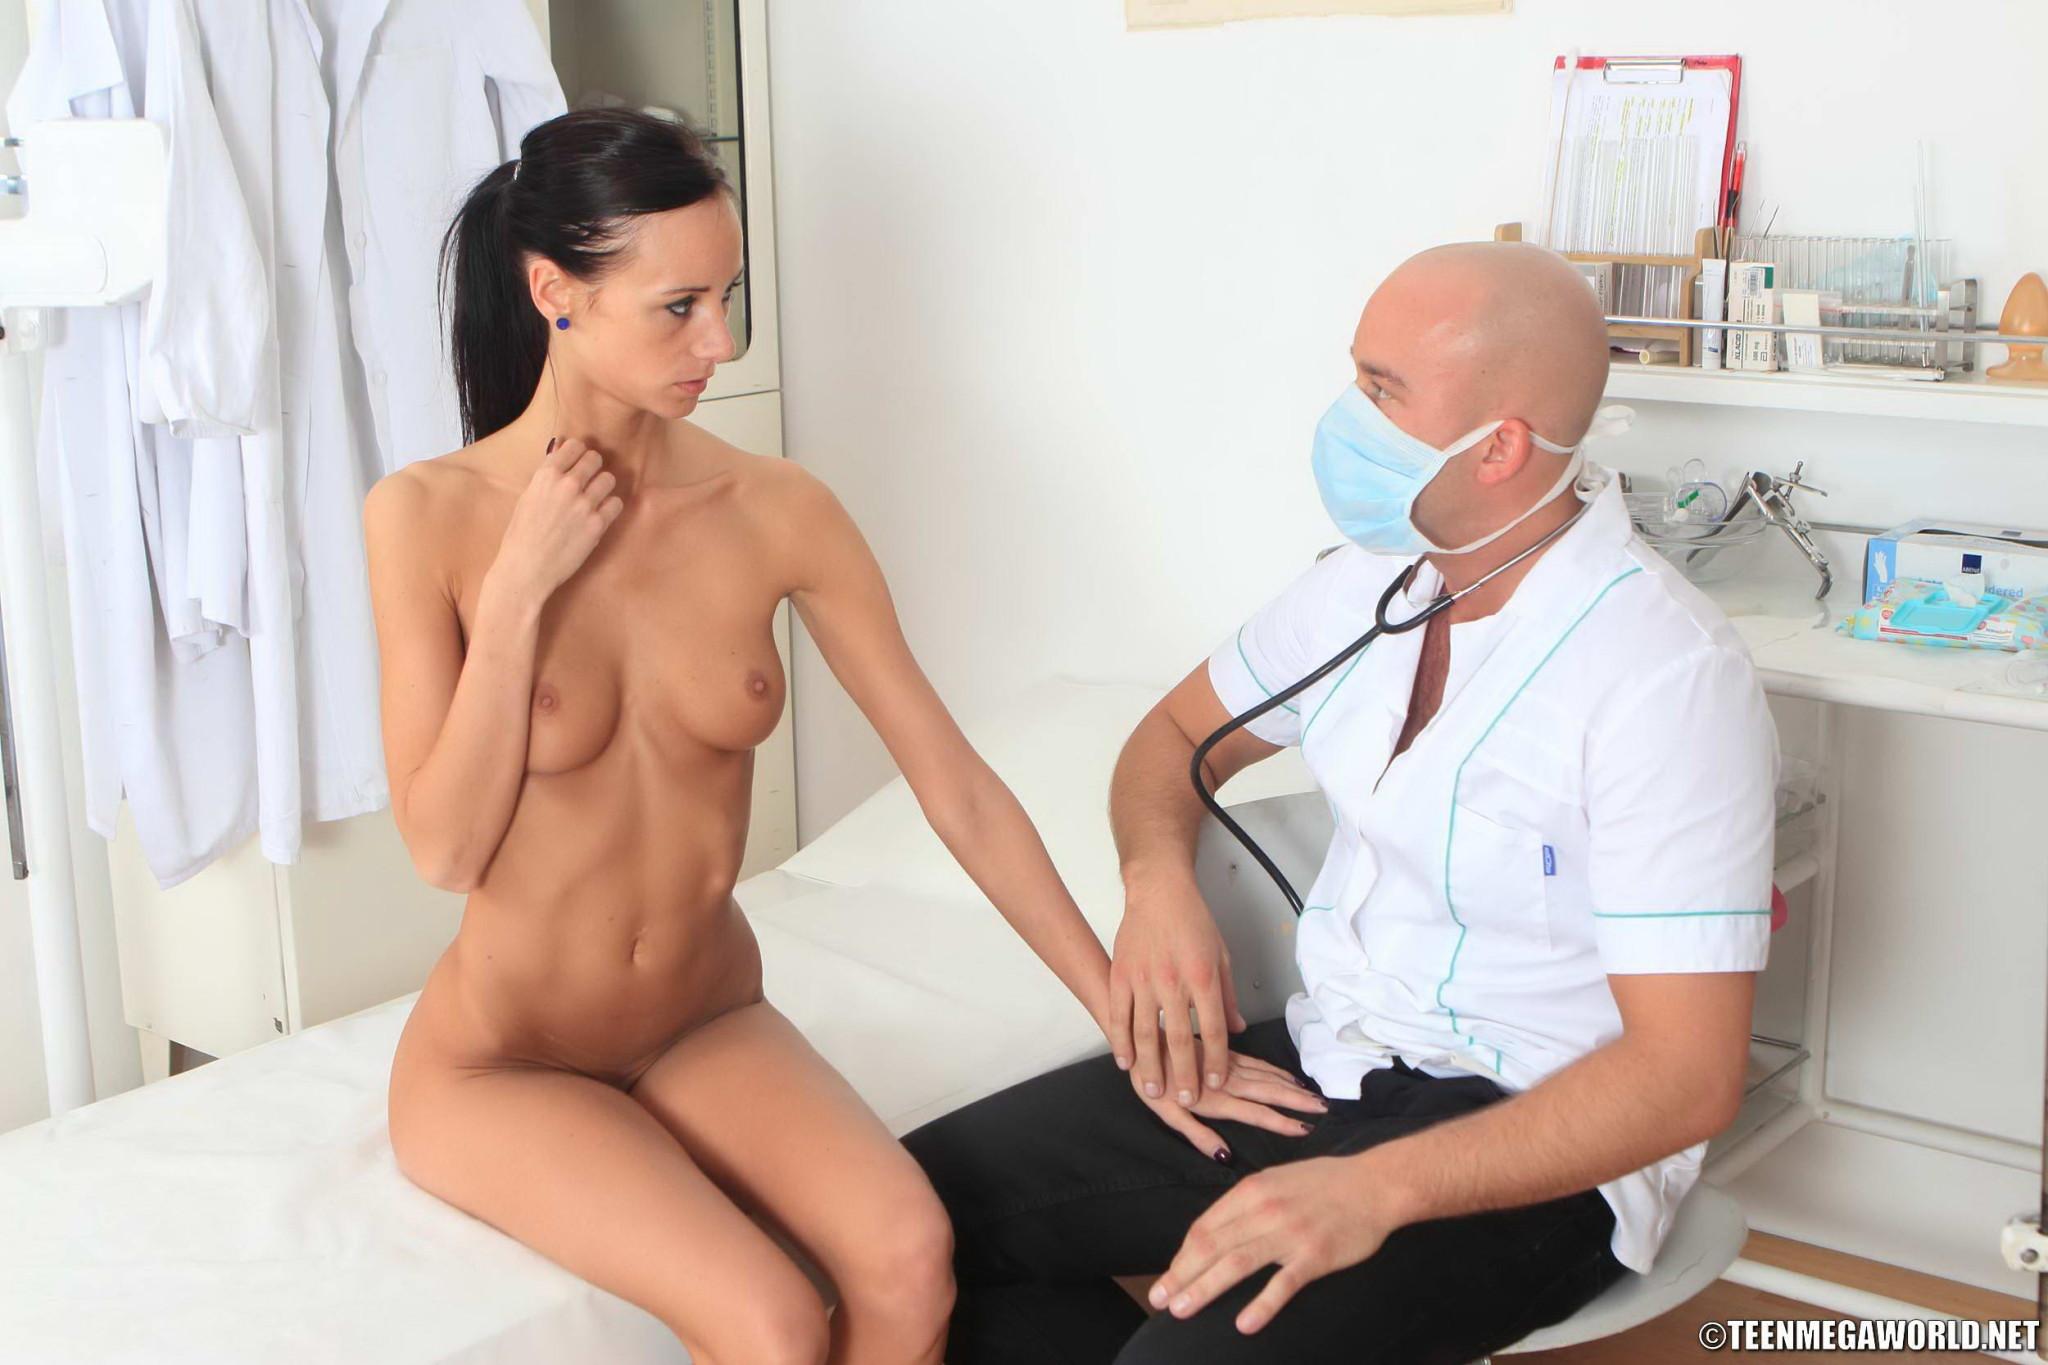 У врача - Галерея № 3421304